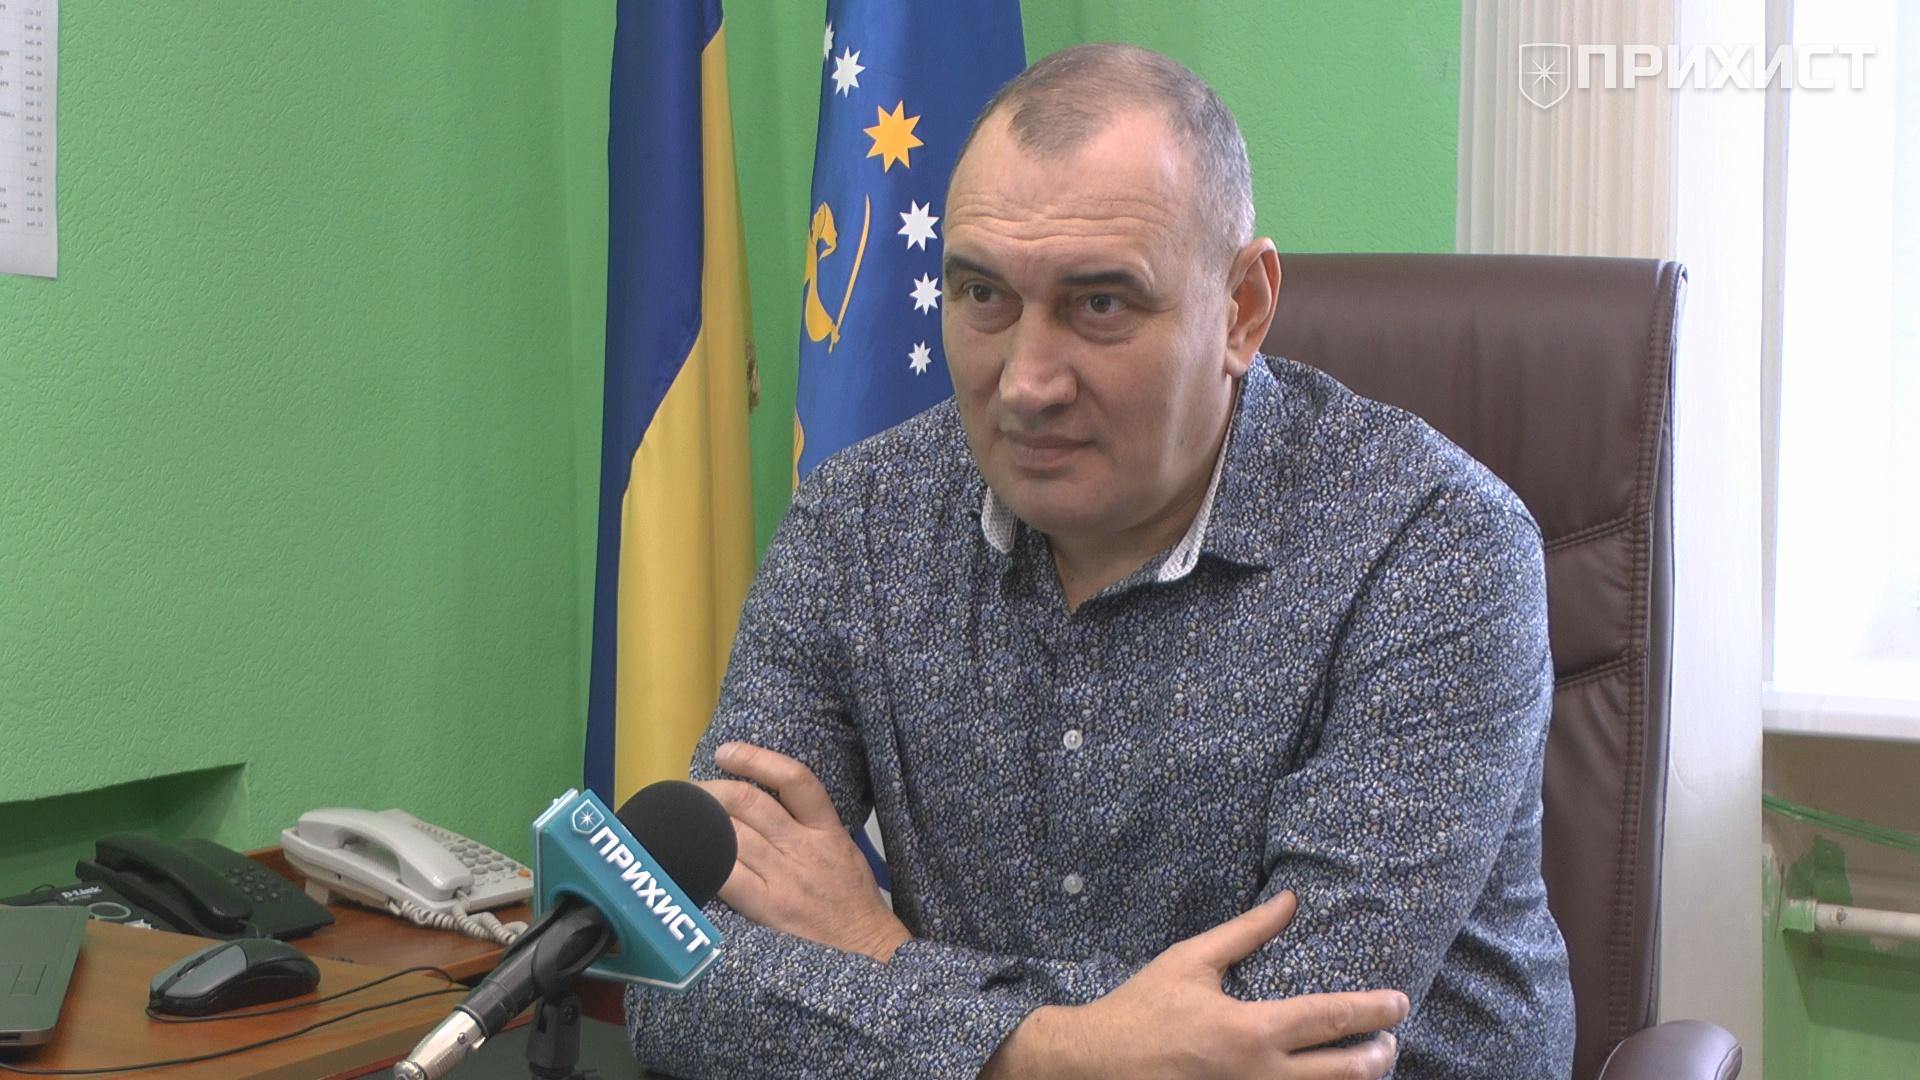 Комментарий Сергея Тыхенко по поводу конкурса на определение нового подрядчика по вывозу мусора   Прихист